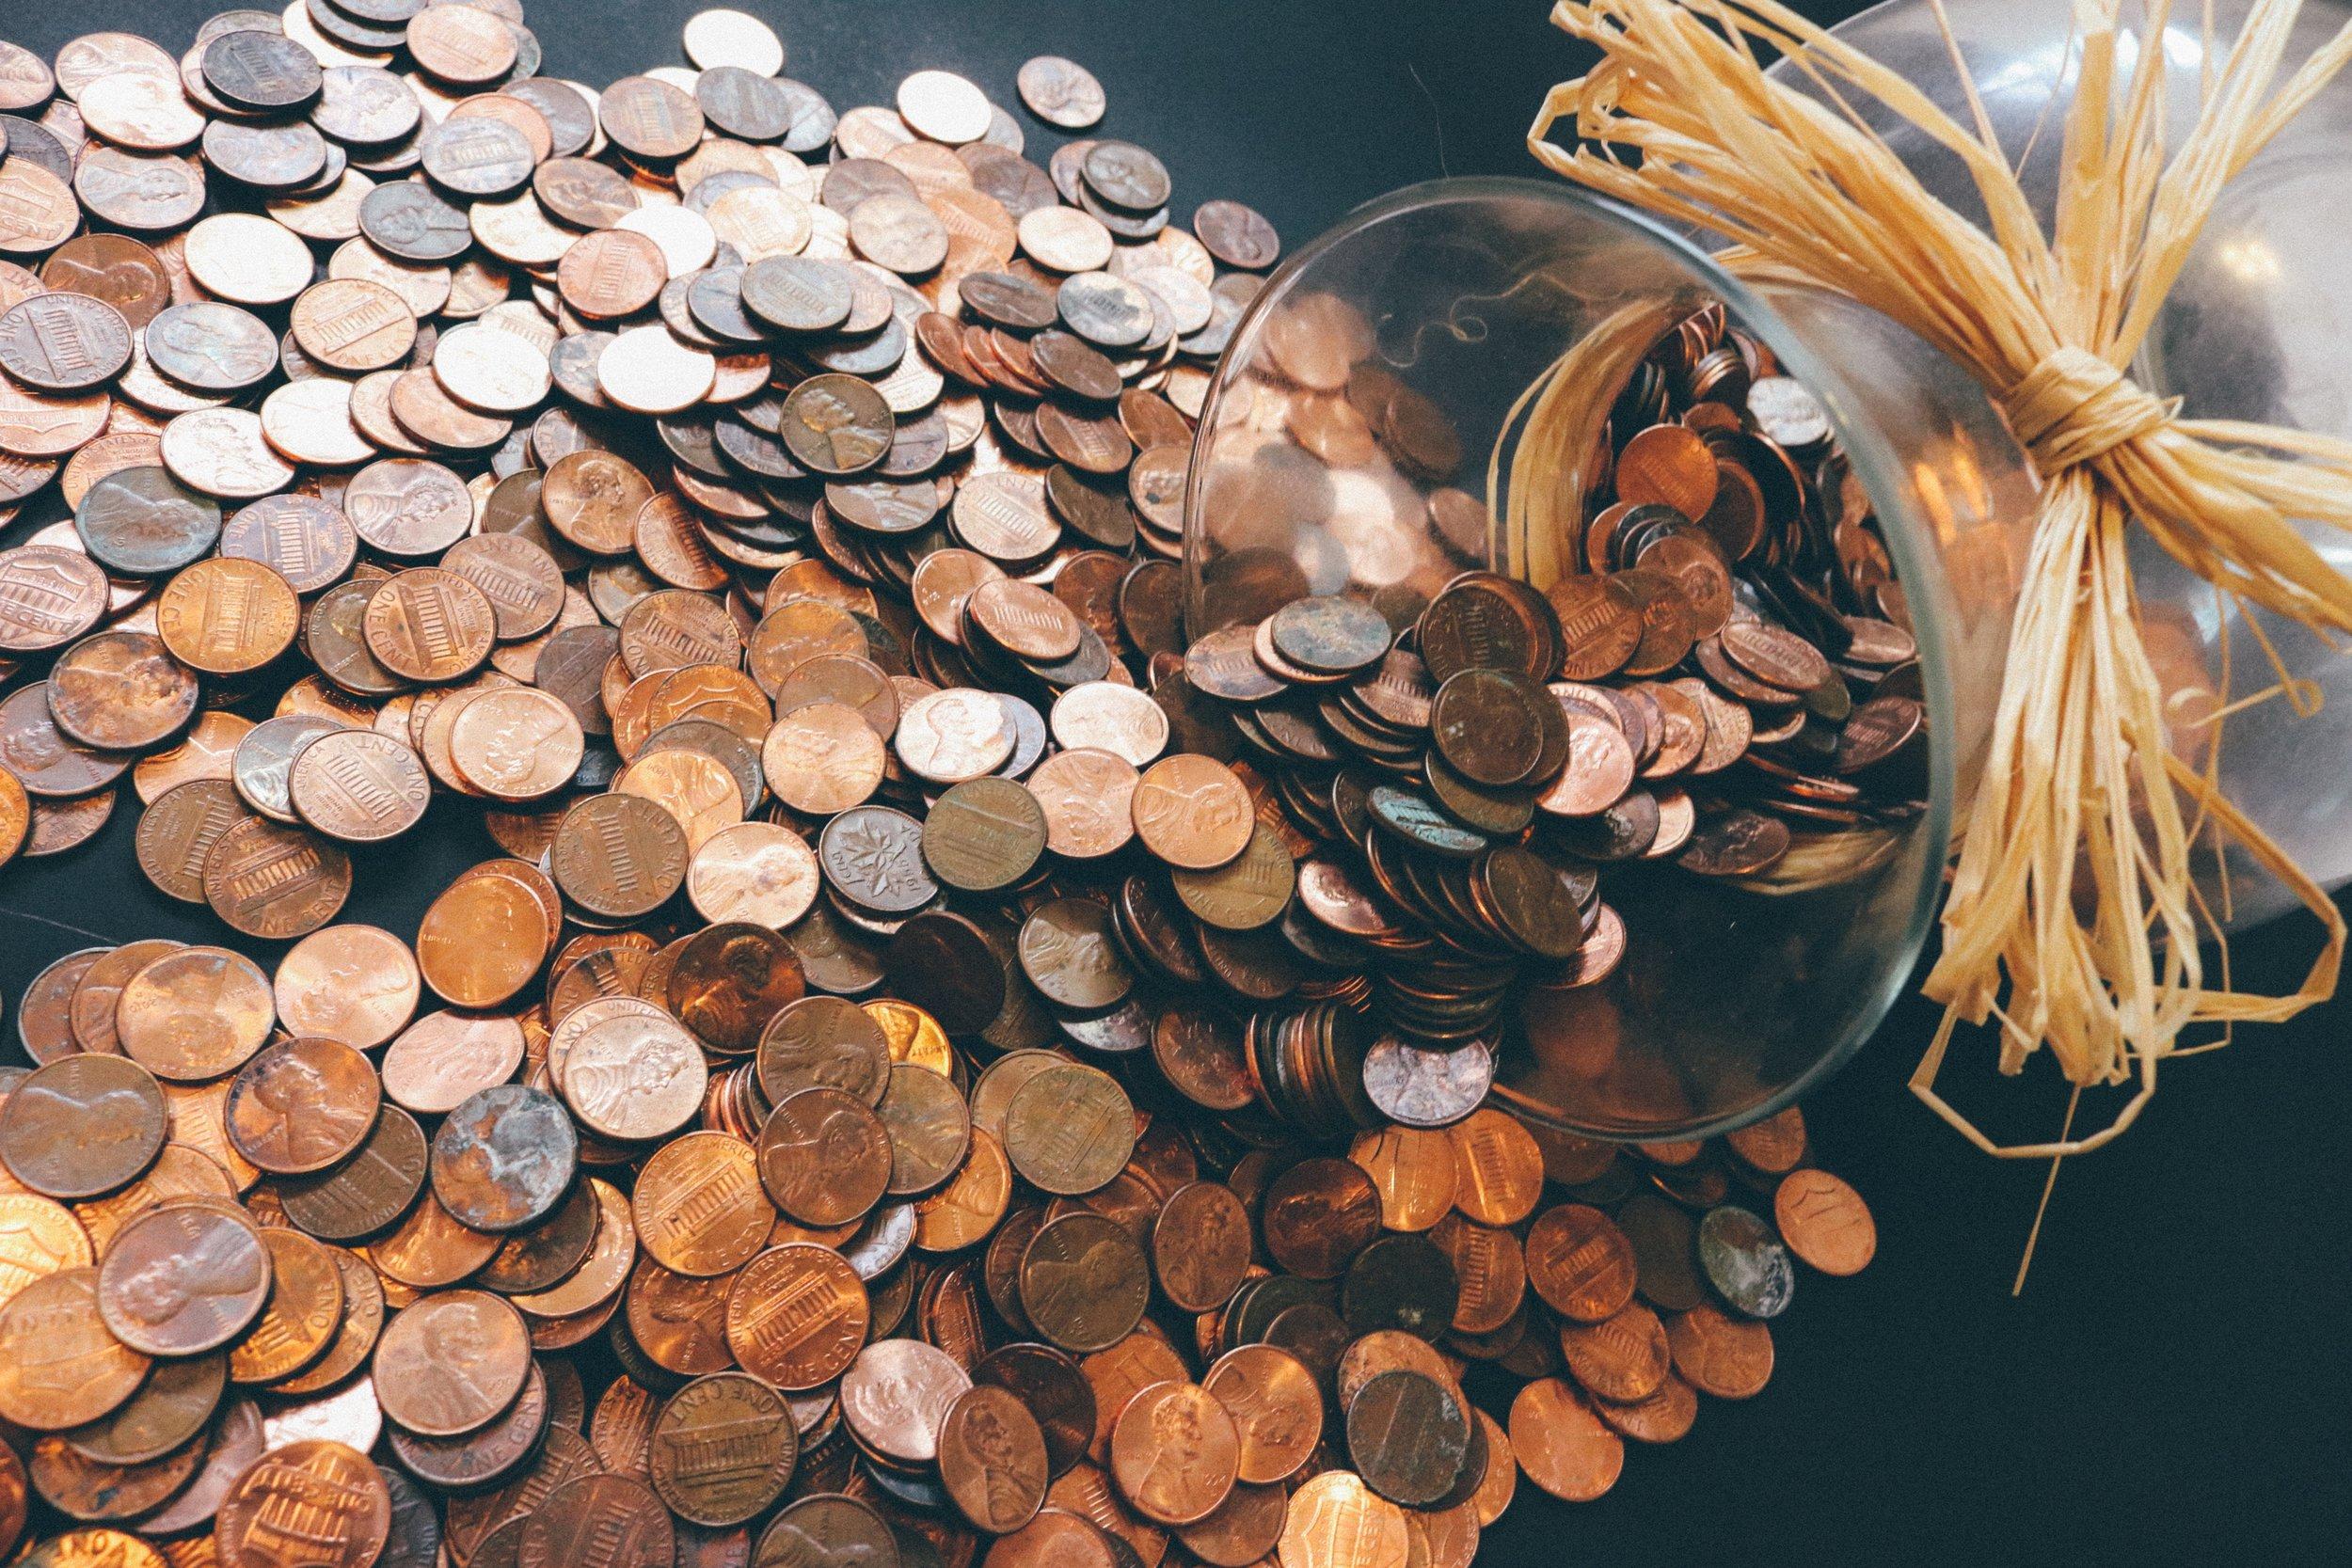 cash-coins-money-259165.jpg